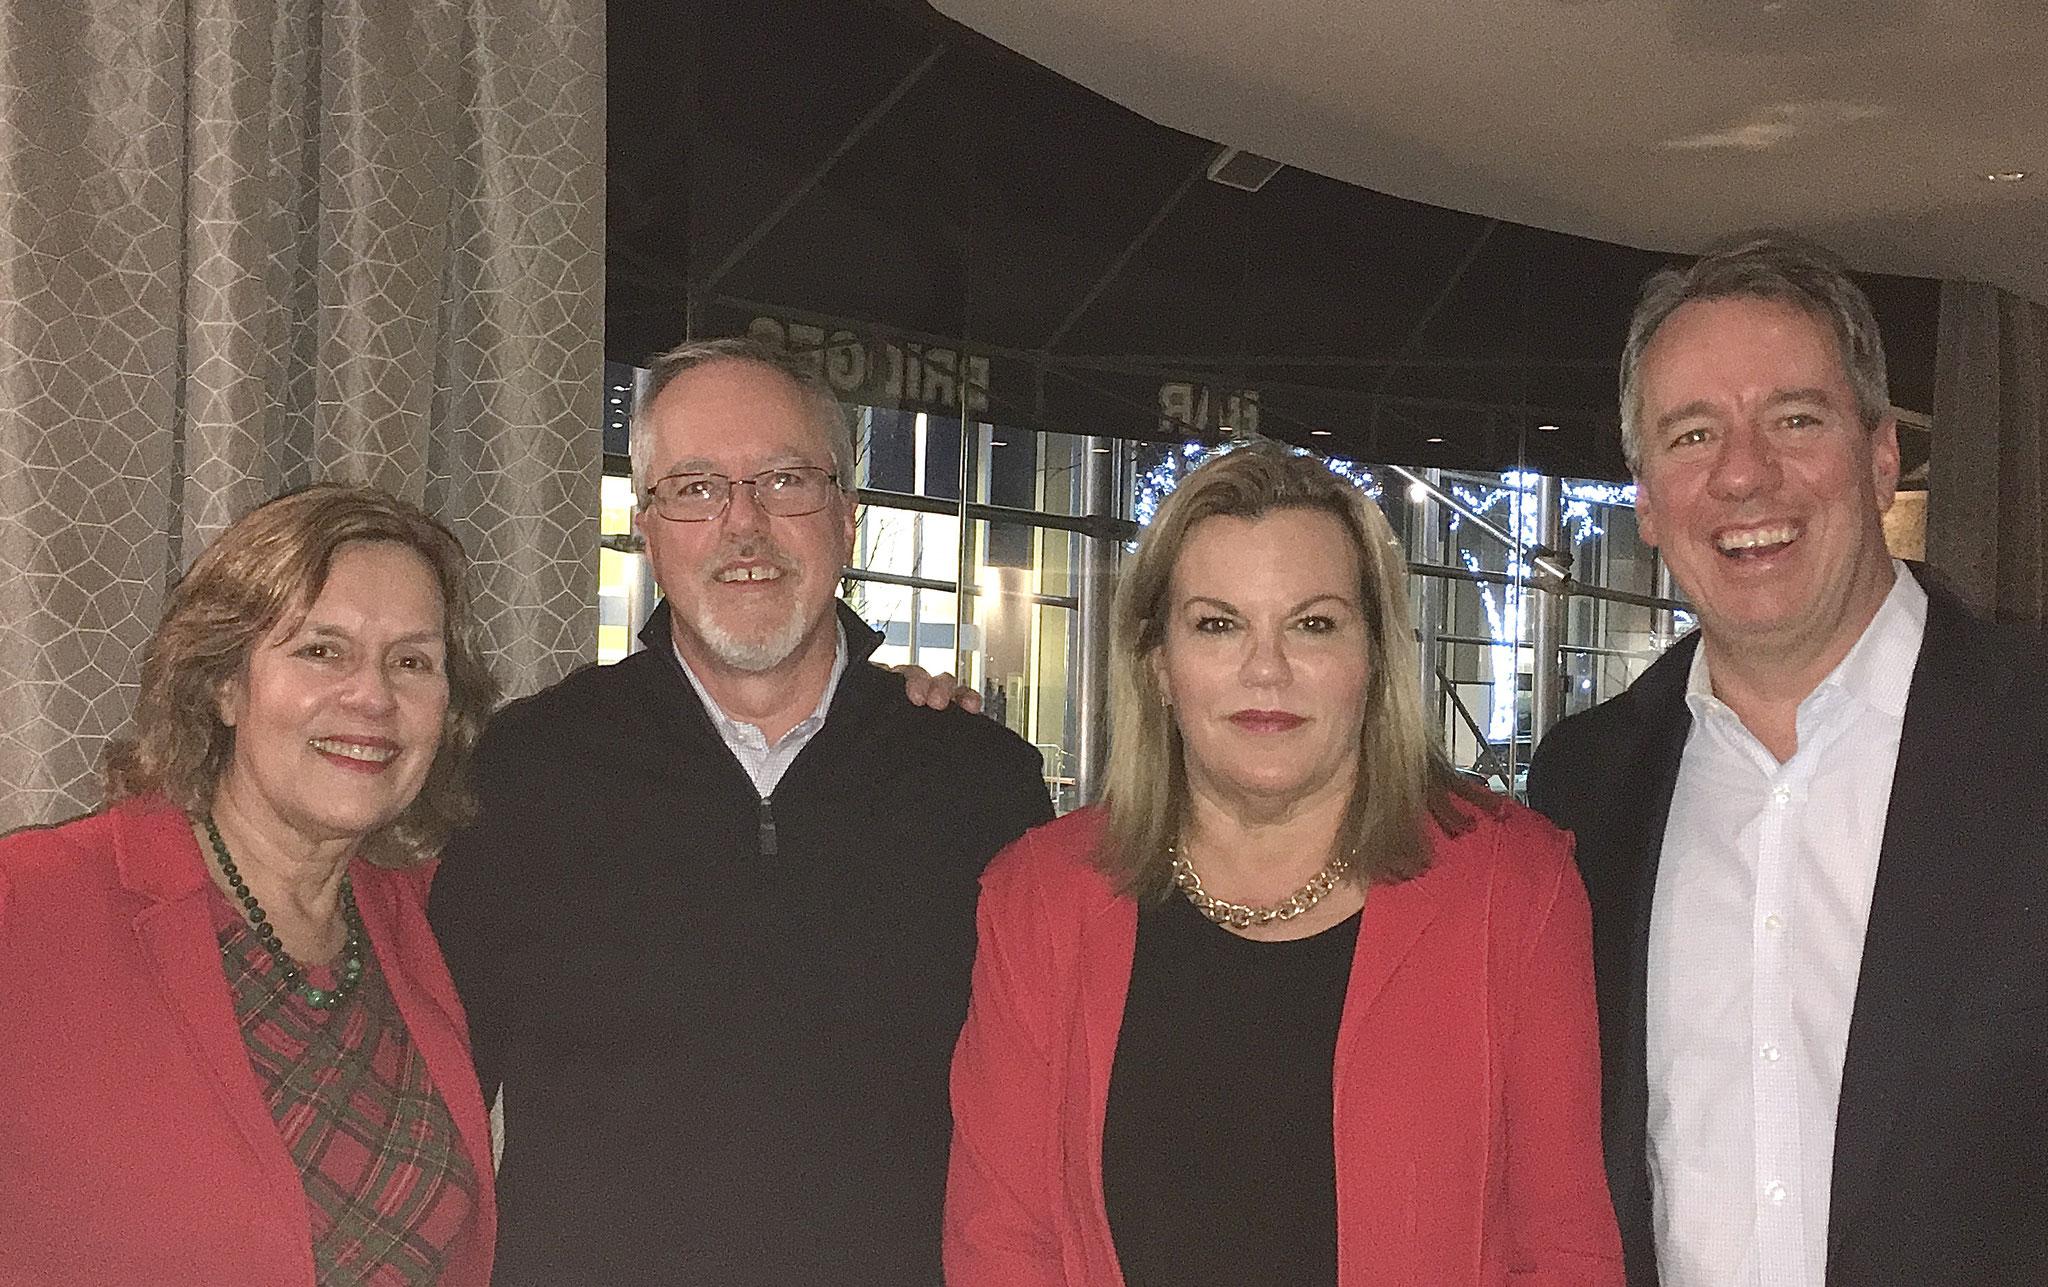 Lorraine, Jim, Celeste, Jon Boylan, Kathy's sons